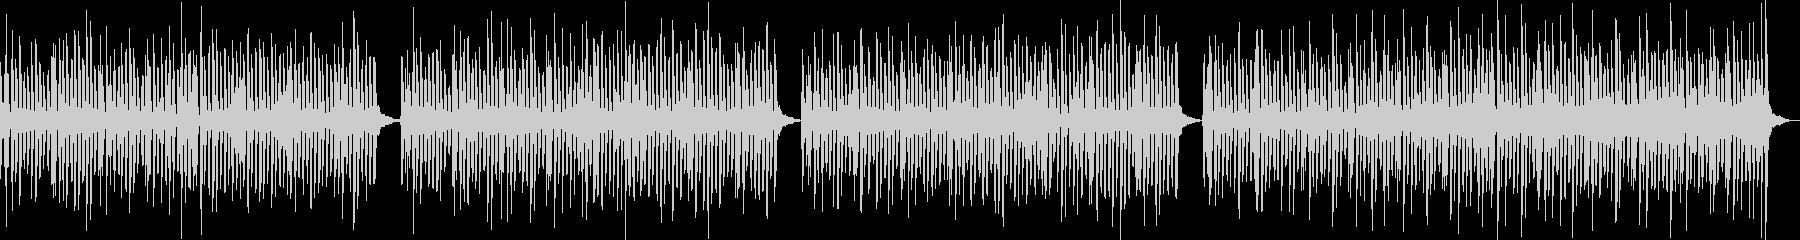 跳ねるピアノ 軽快なリズム オーケストラの未再生の波形